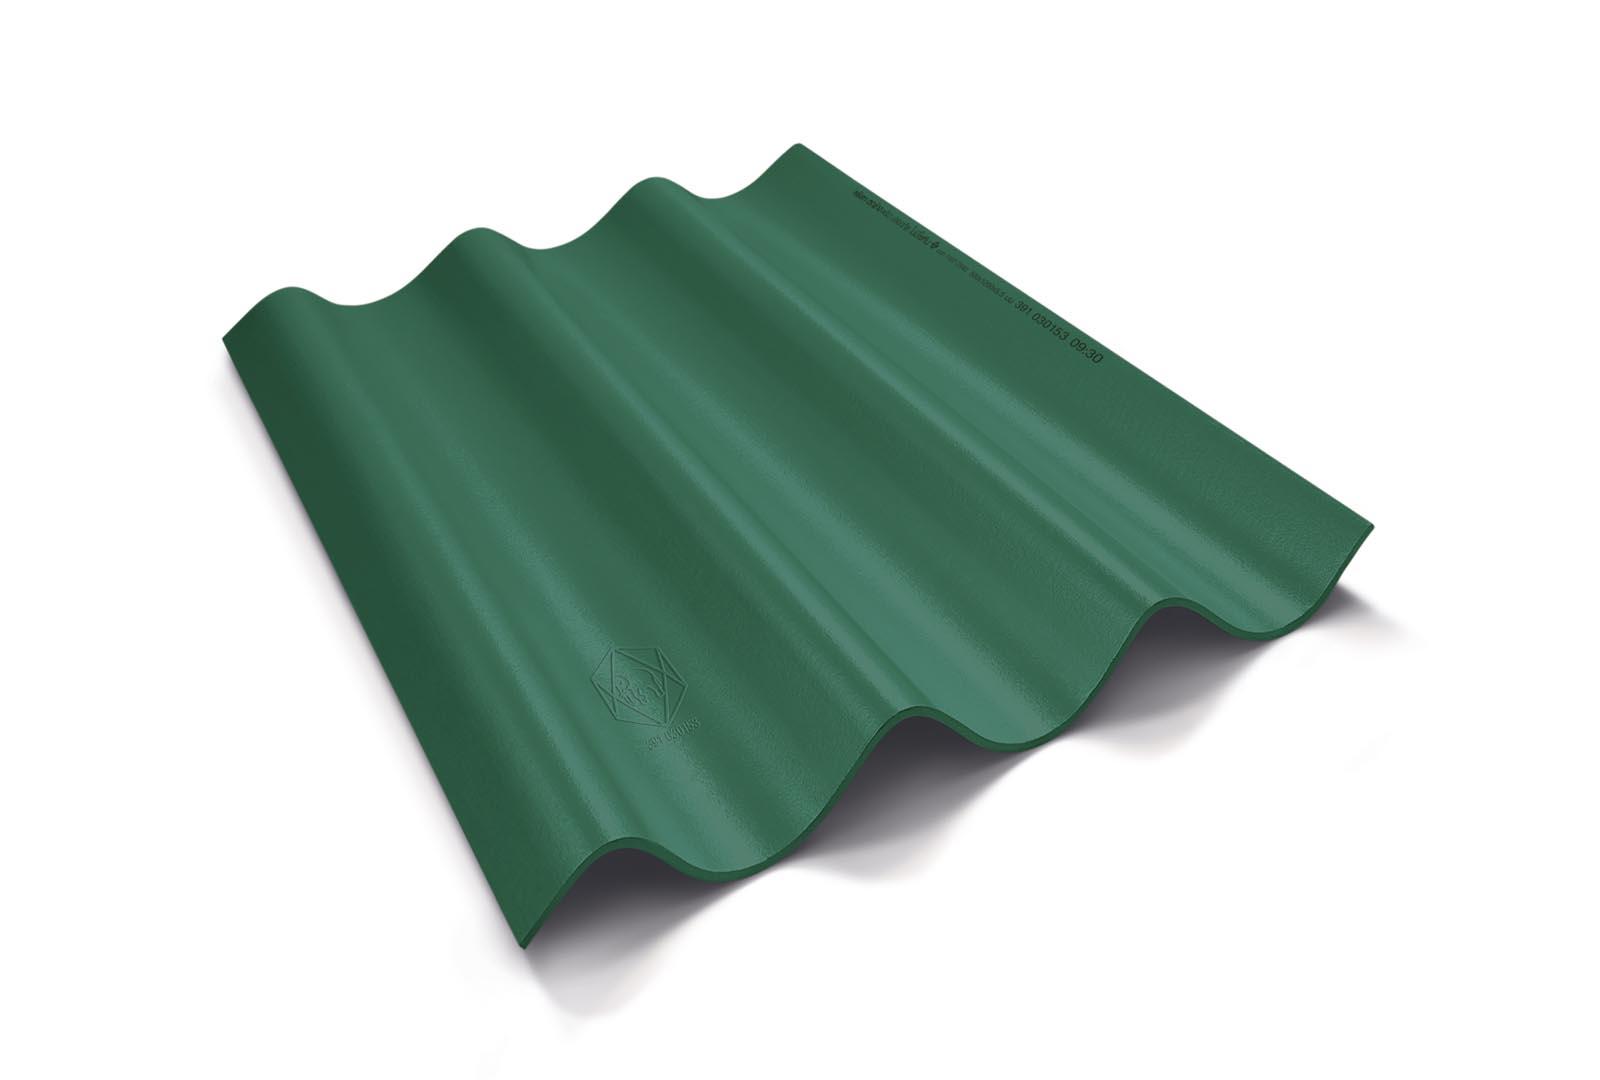 SCG-Fiber-Cement-Roof-prima-green